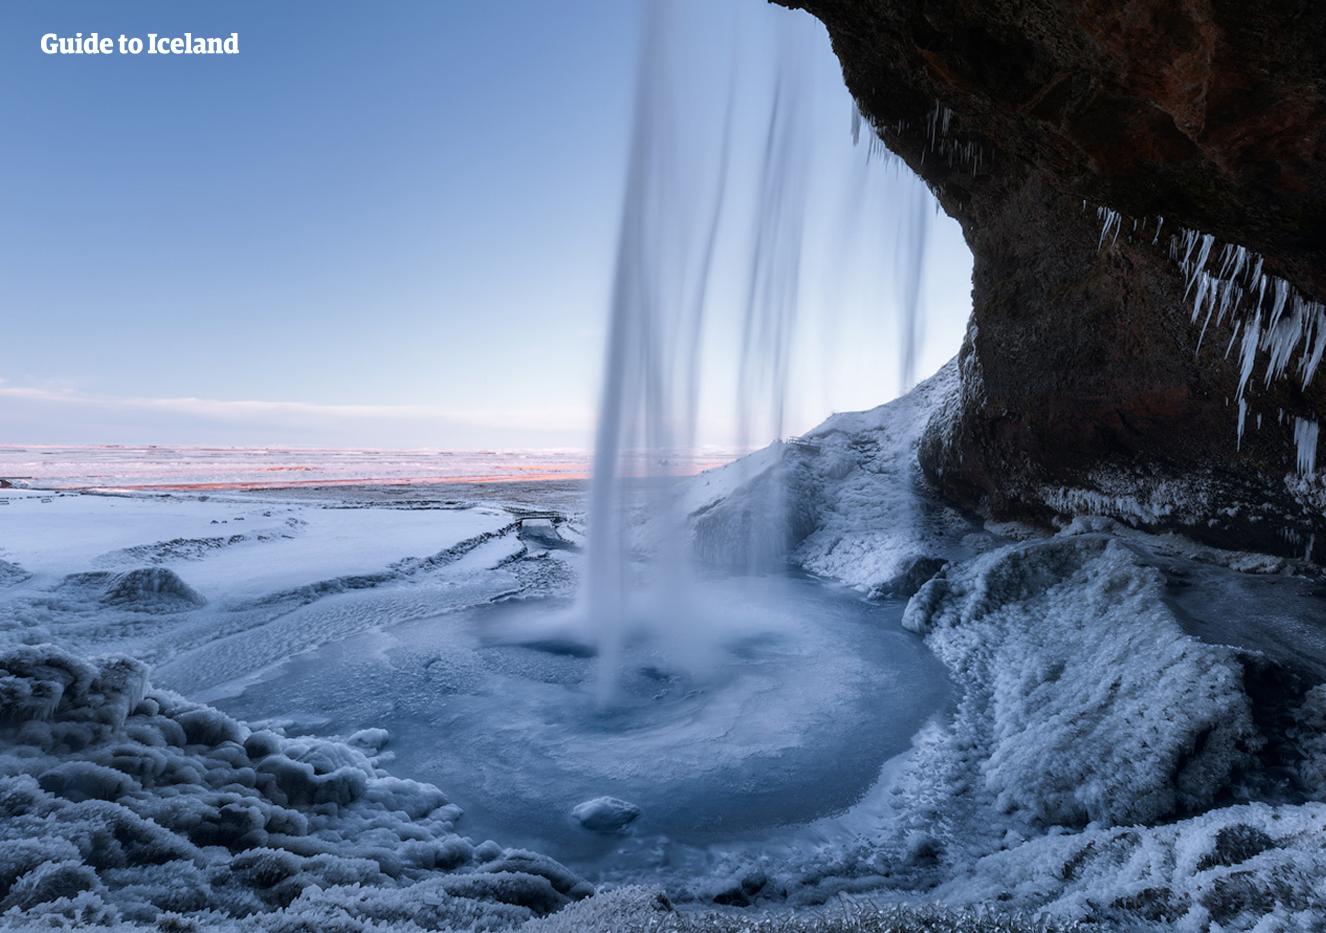 冰岛南岸的塞里雅兰瀑布在冬季时独具纯净之美